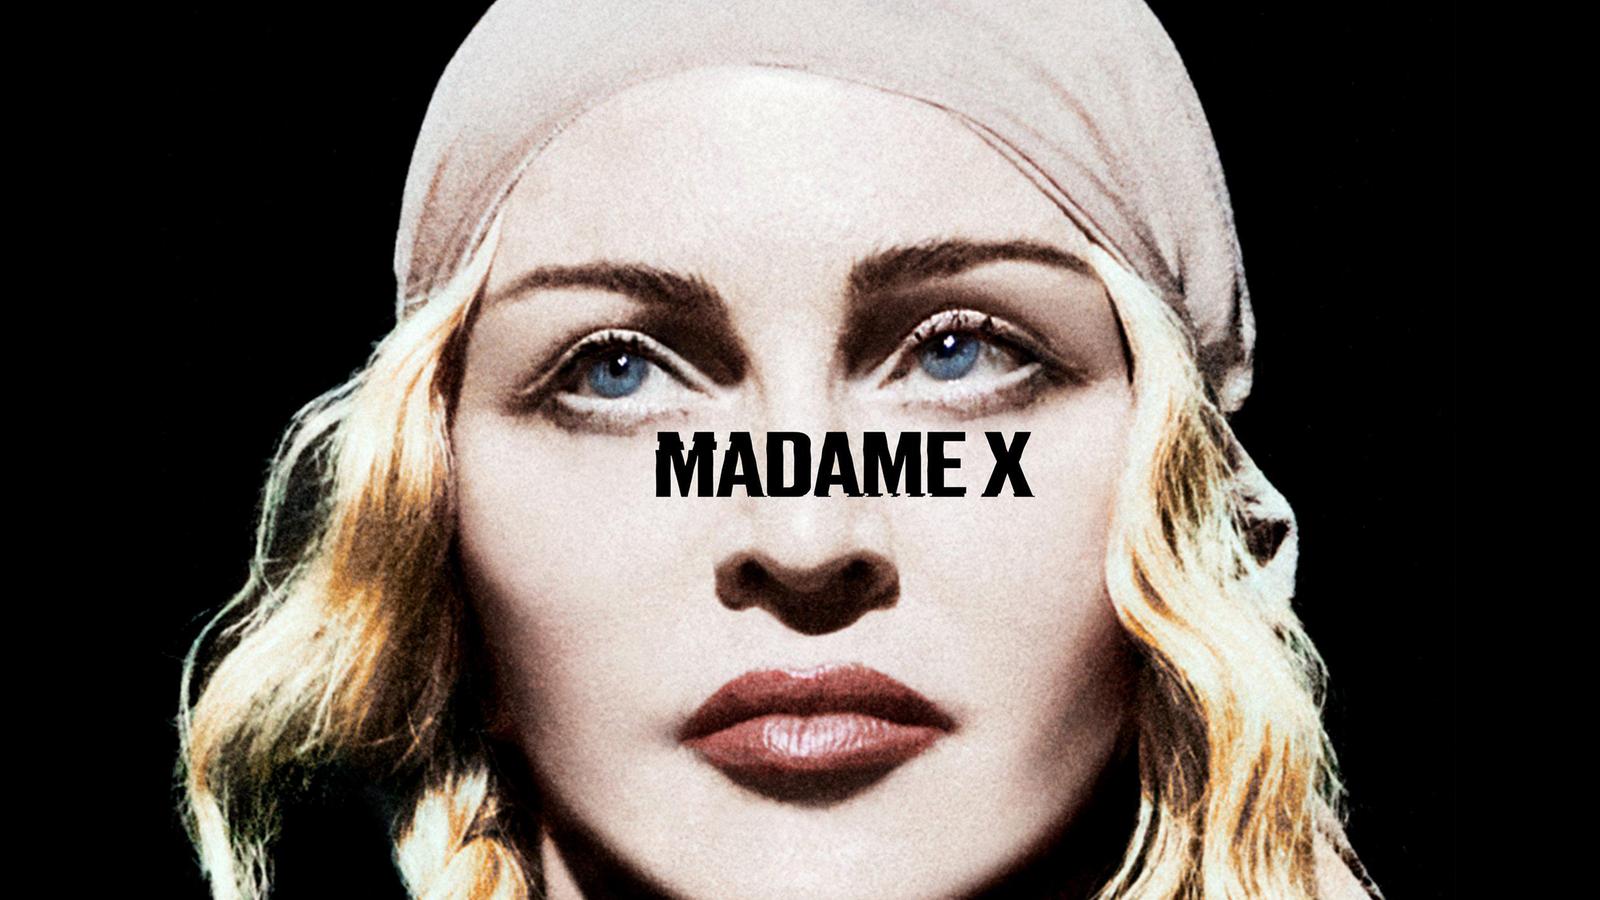 Com estreia marcada para o dia 14 de junho, novo disco de Madonna traz produtores de Rihanna, Beyoncé, Frank Ocean e Kanye West.